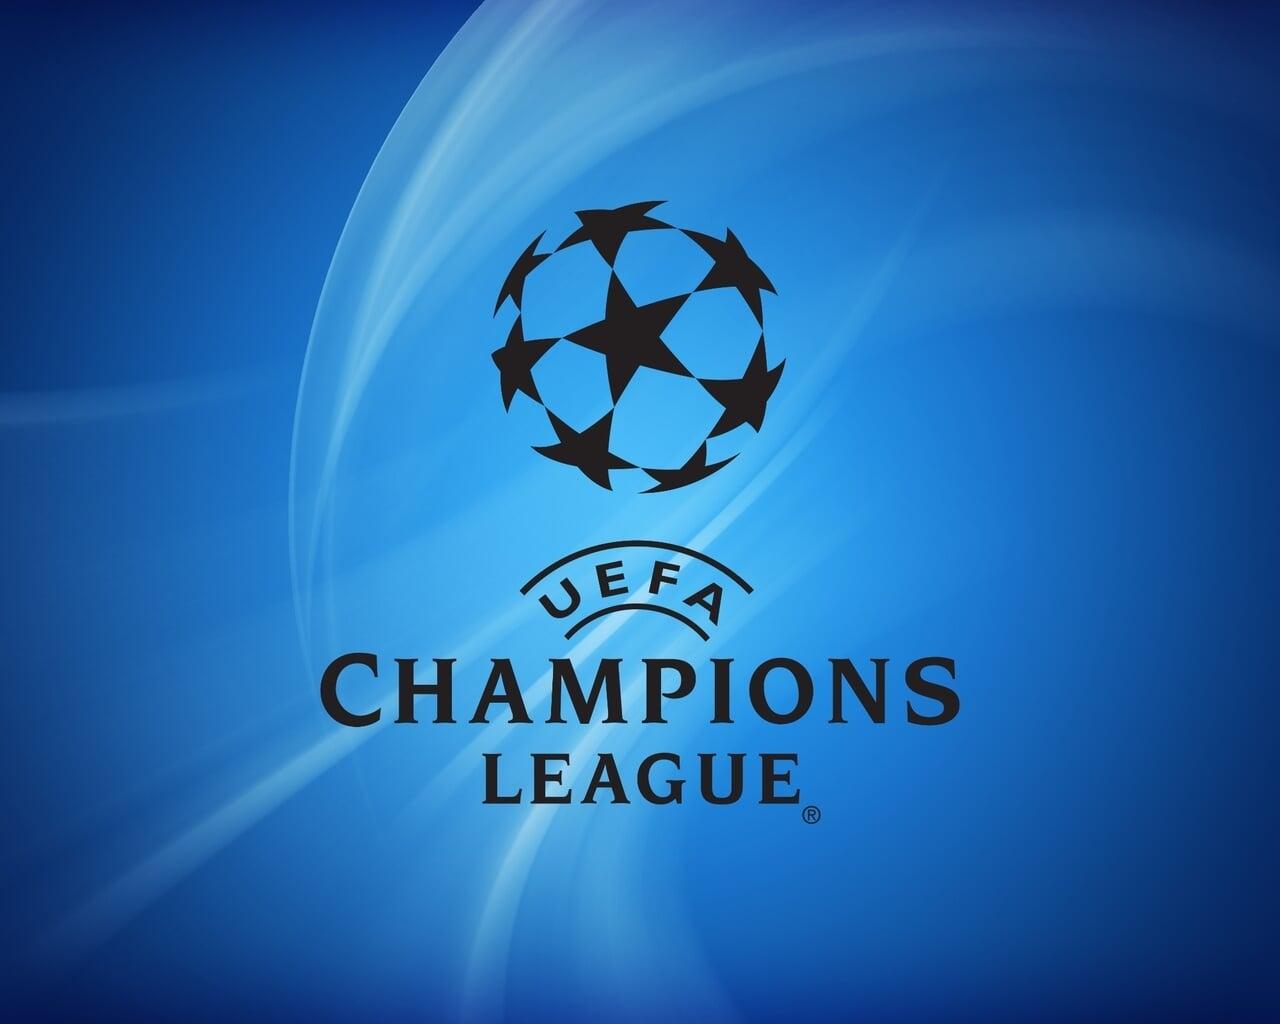 Лига чемпионов. Реал в гостях у Интера, ПСЖ против Брюгге, Ливерпуль принимает Милан, Боруссия Дортмунд победила Бешикташ